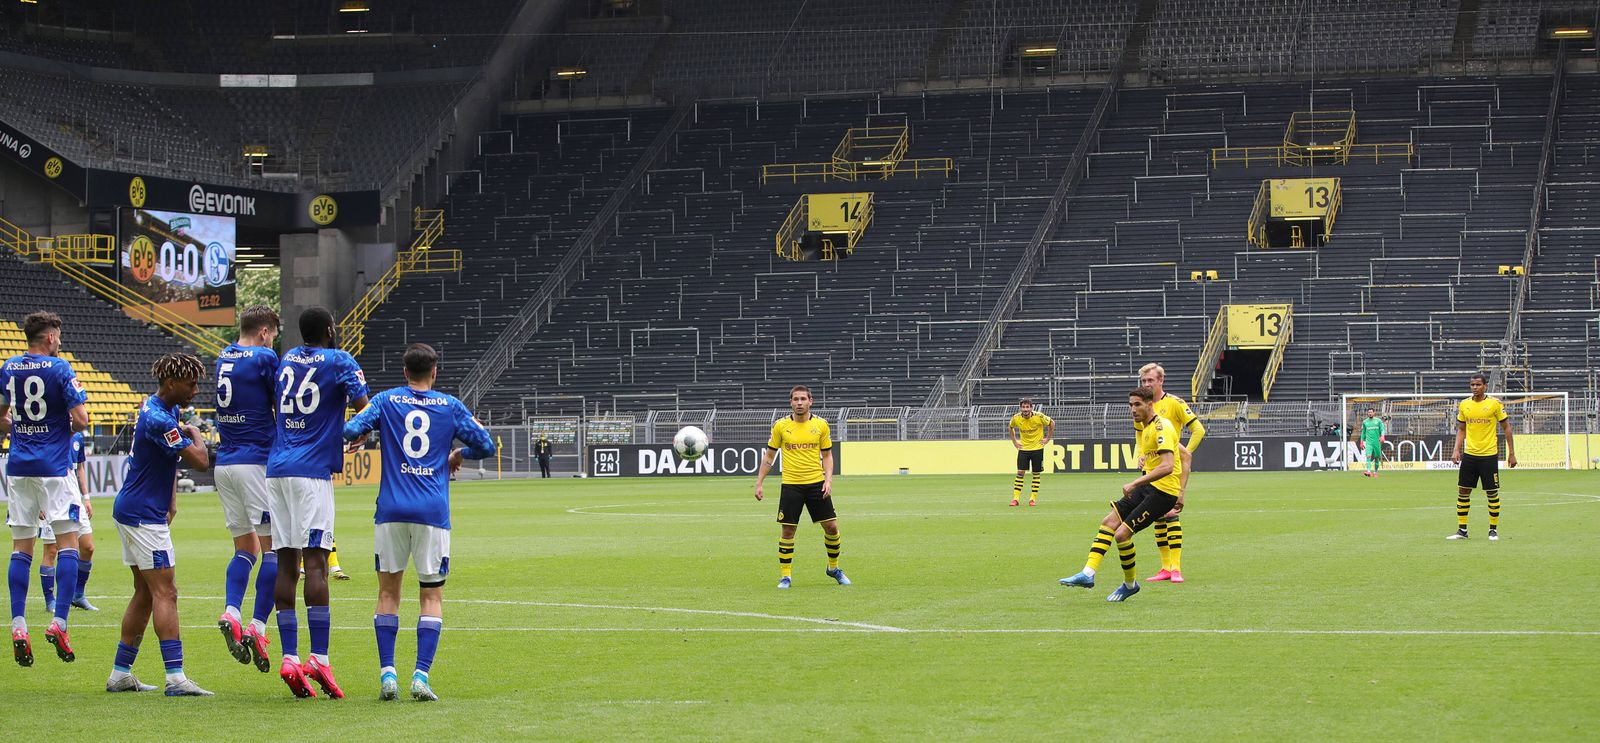 Borussia Dortmund - FC Schalke 04 Freistoß HAKIMI, BVB gegen Mauer Schalke, leeres Stadion, ohne Zuschauer Fussball: 1.